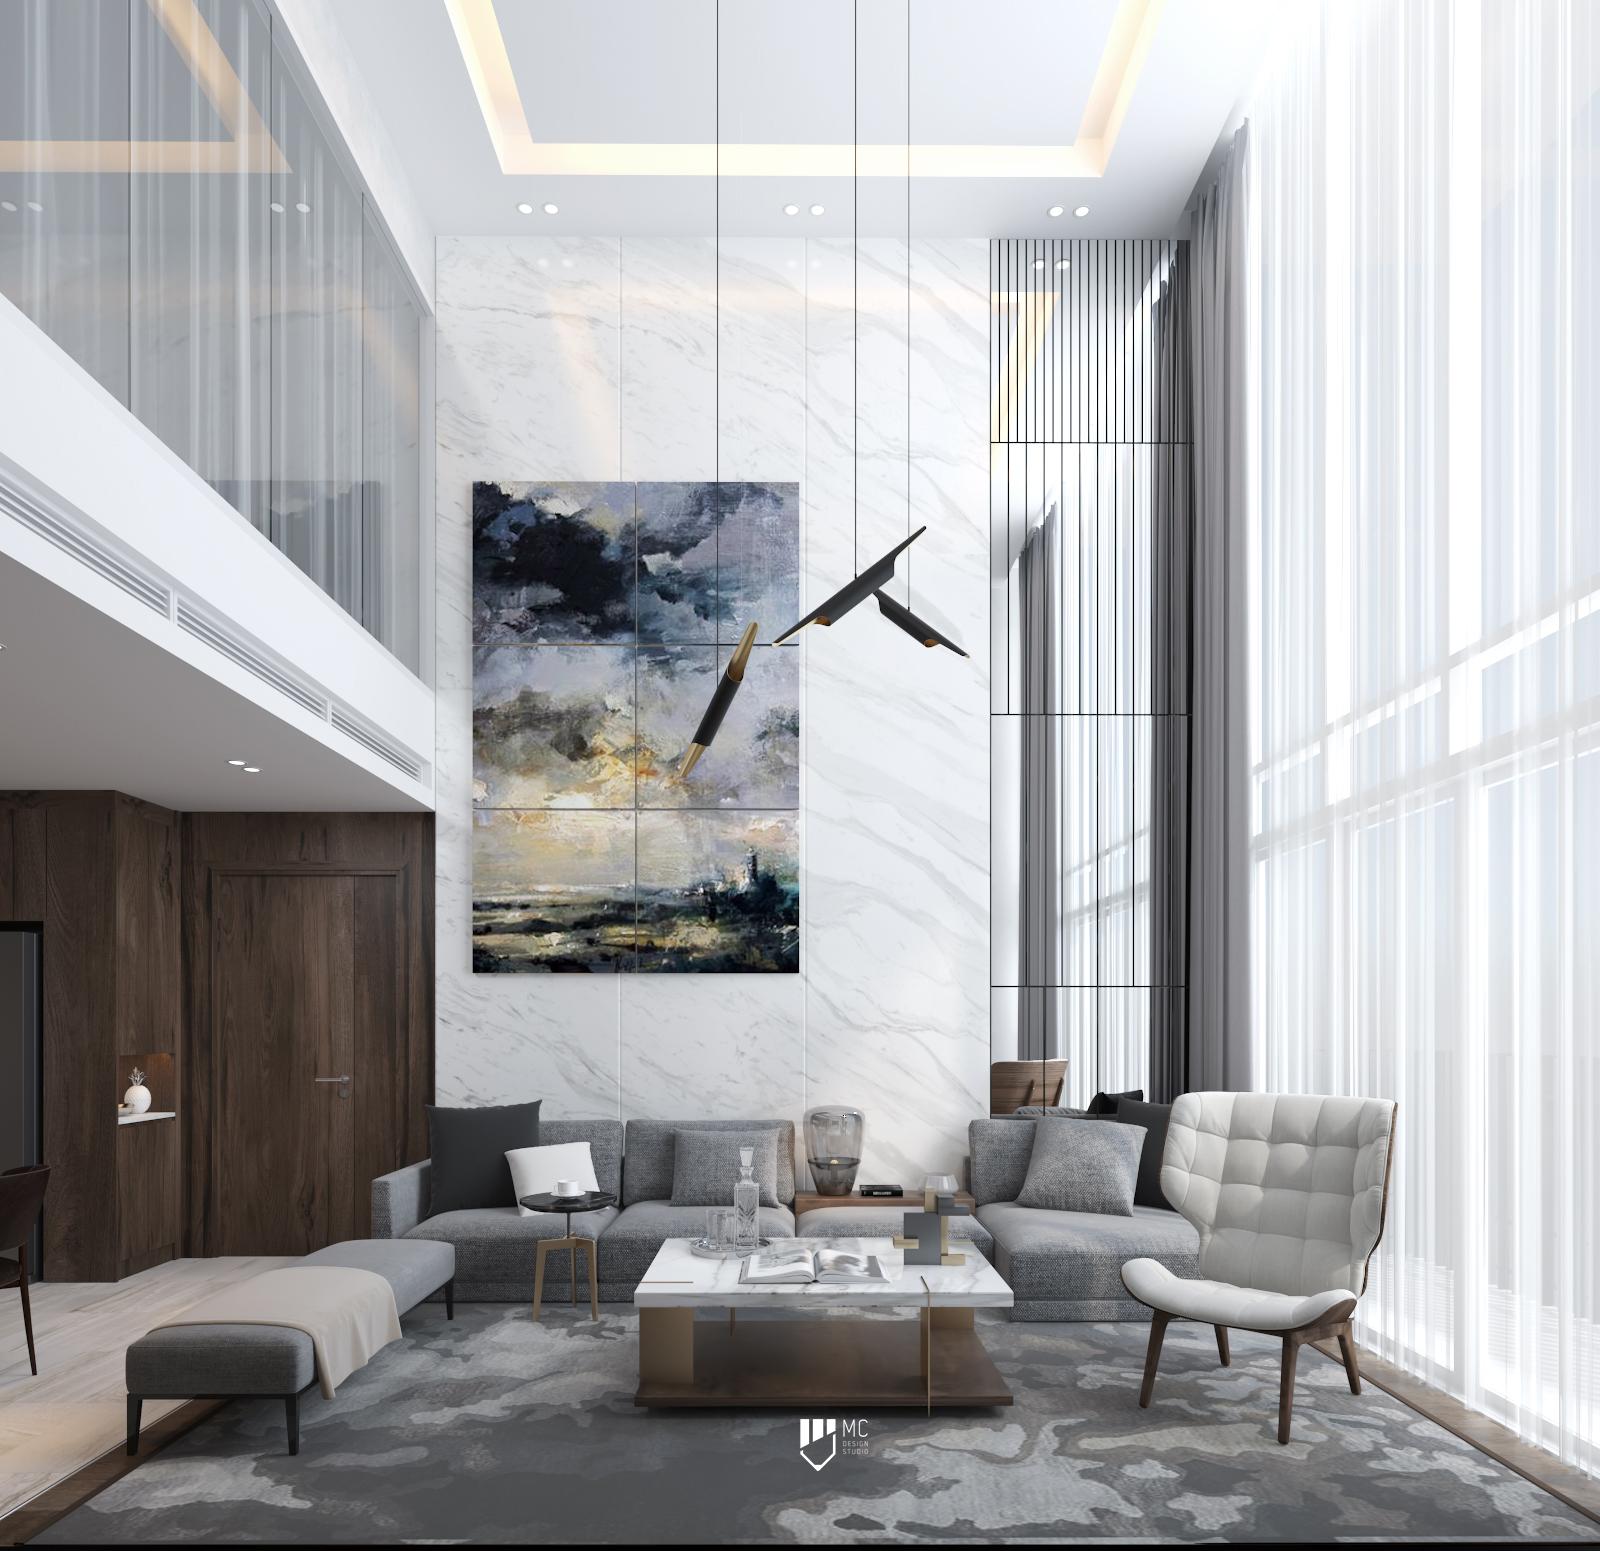 Thiết kế nội thất Chung Cư tại Hồ Chí Minh THE VIEW - DUPLEX 1588586561 4